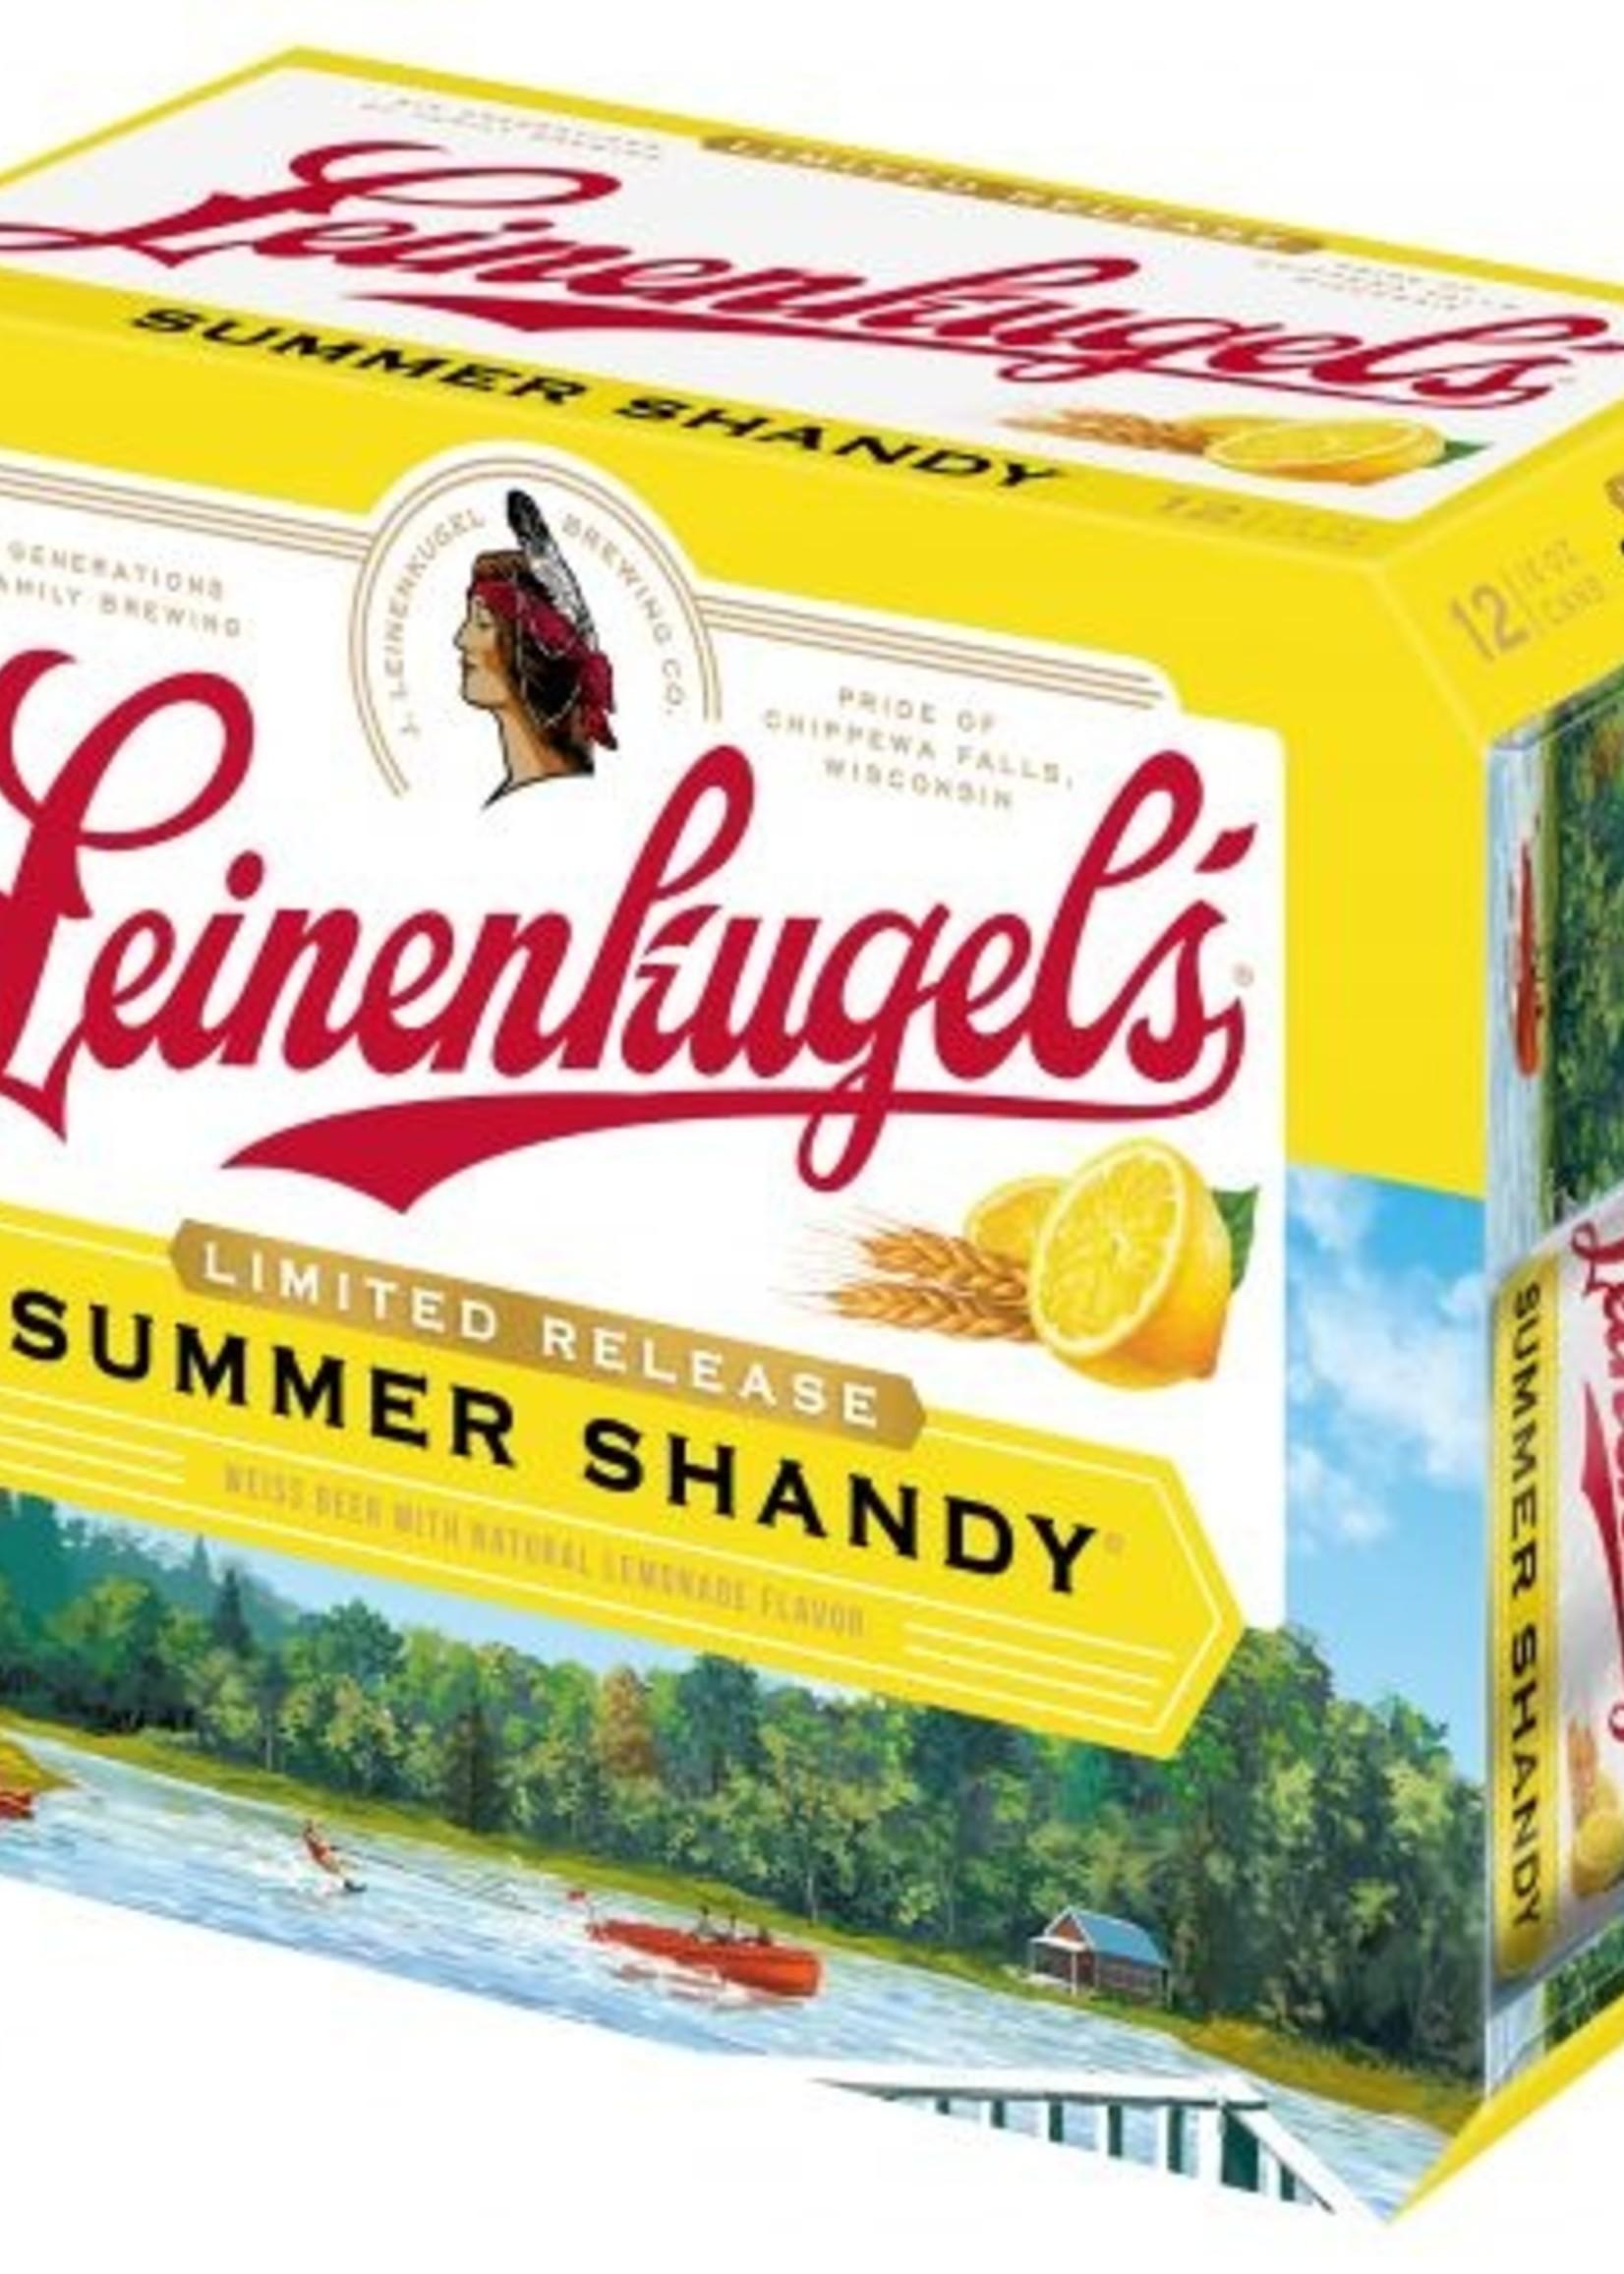 Leinenkugels Summer Shandy 12 Pack Cans